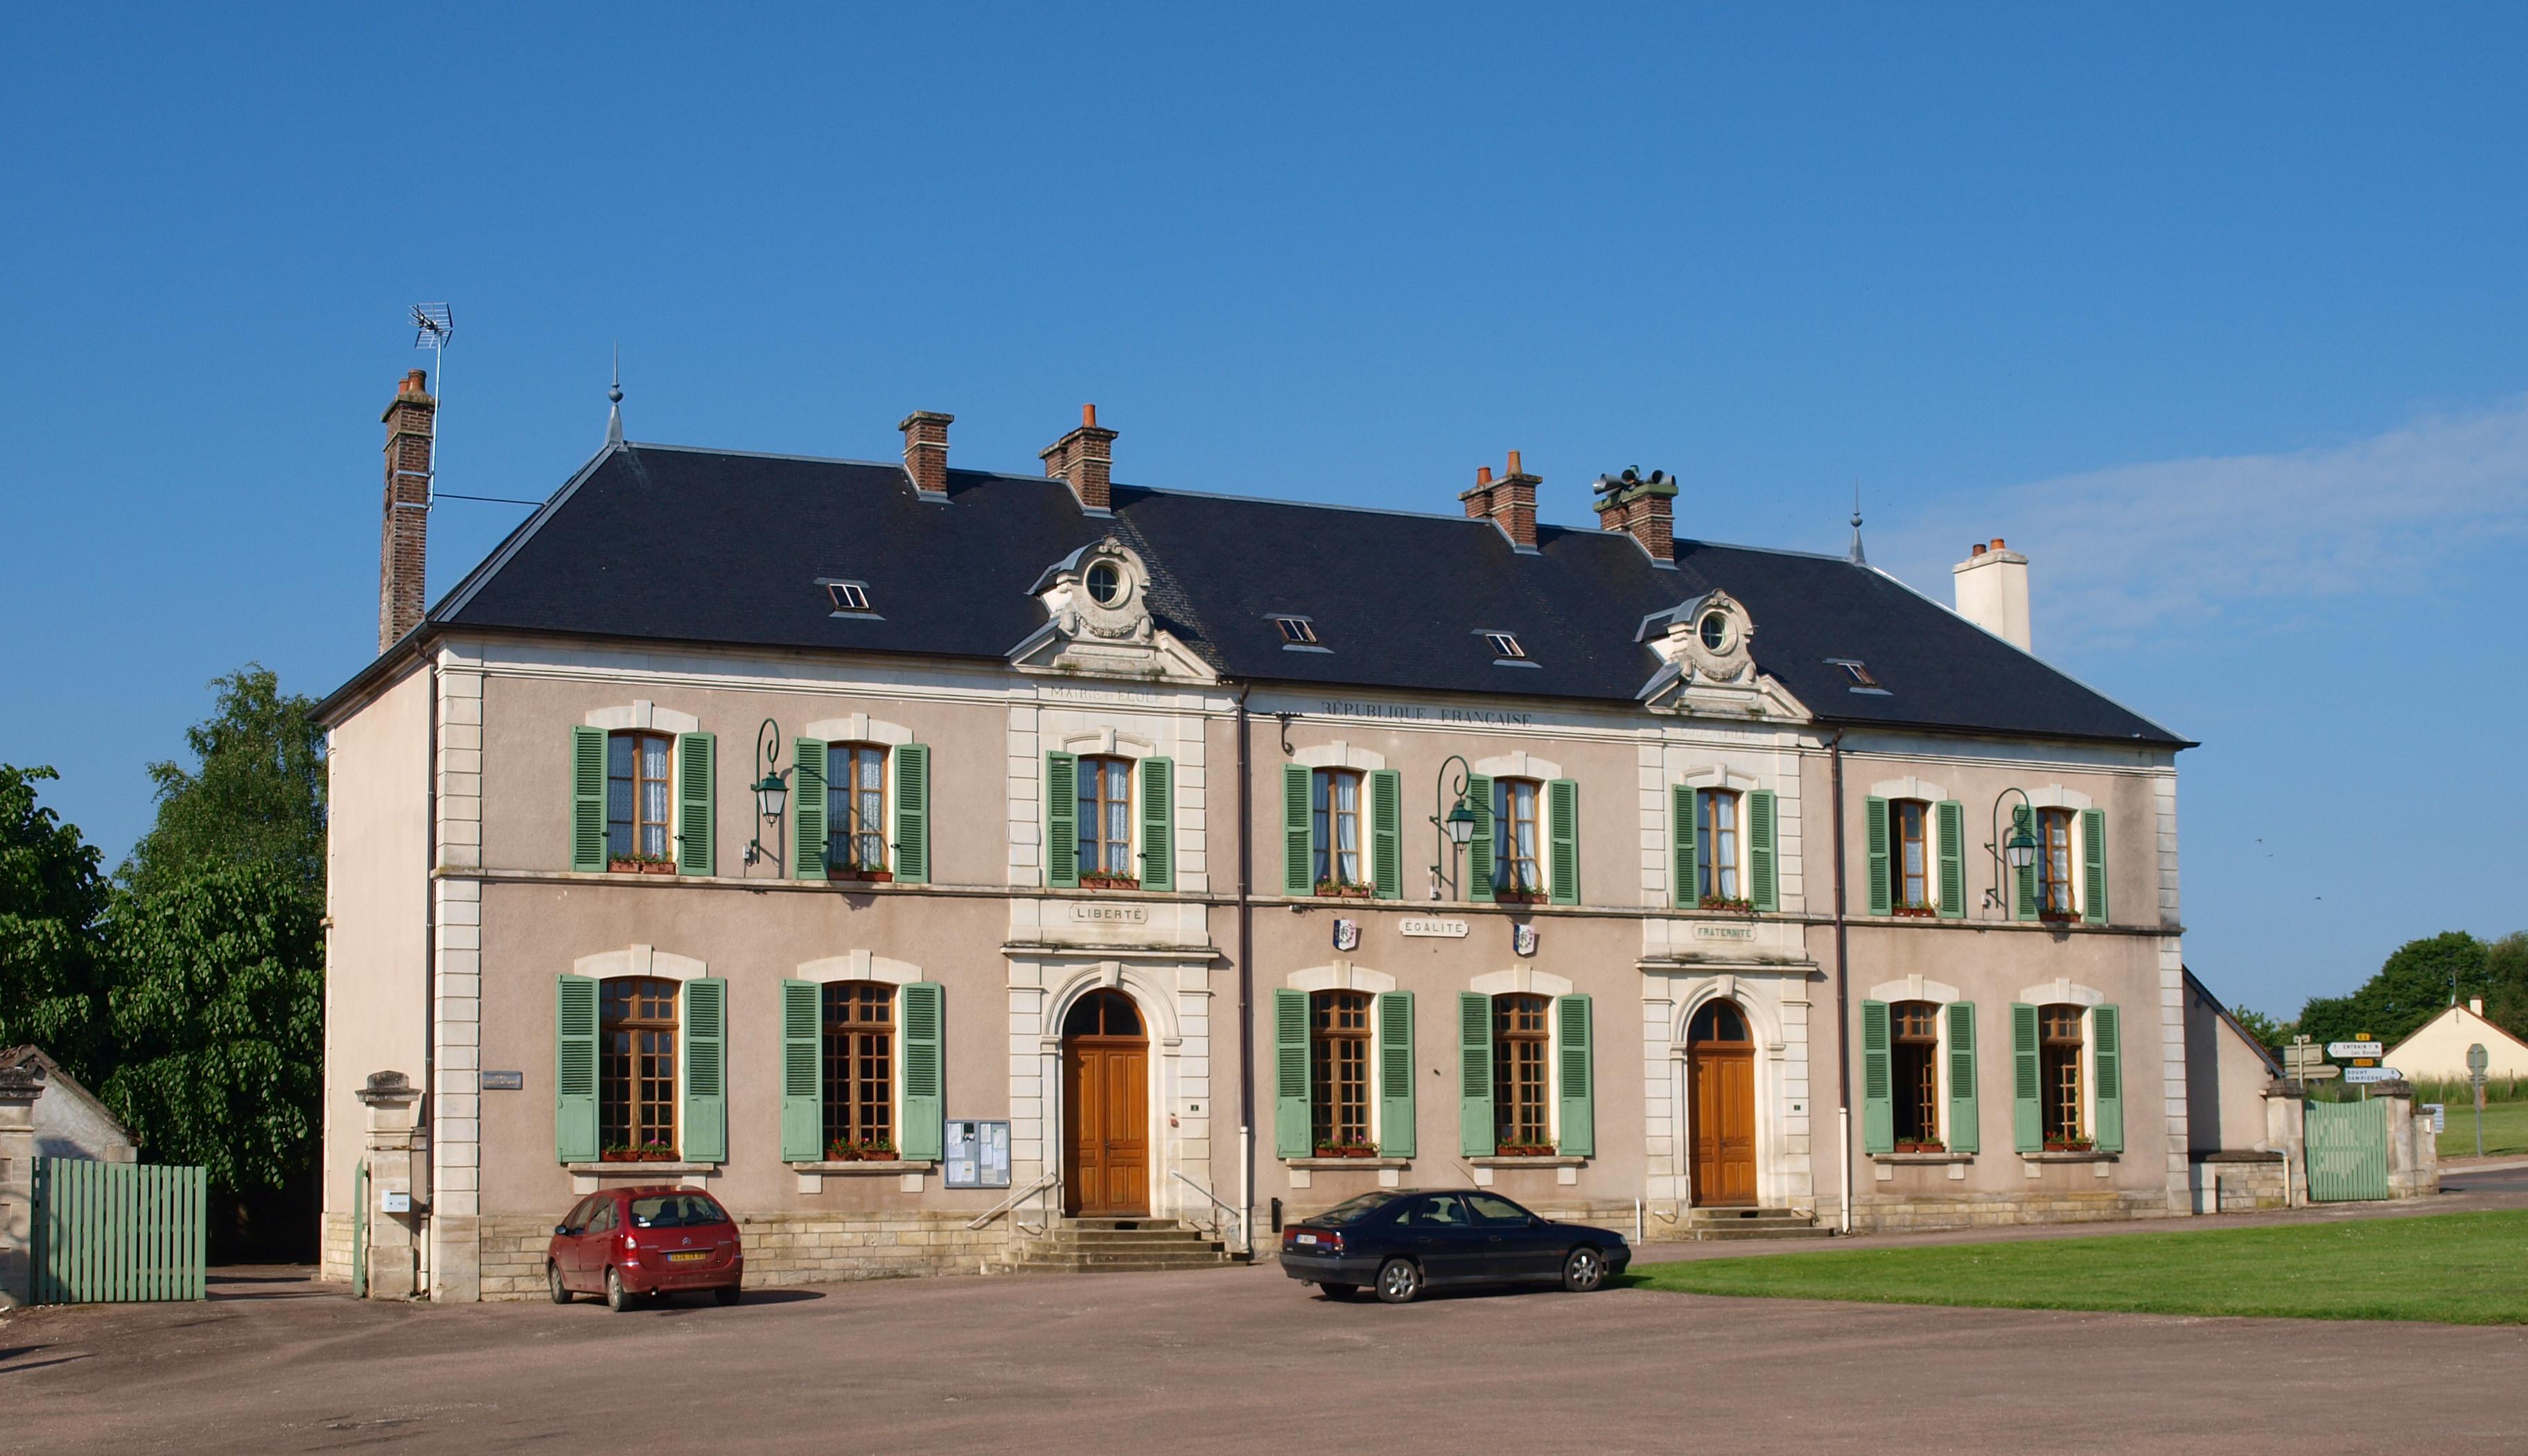 Http Www Mairie Com Entreprise De Peinture Revetement Decorateur Gray  V Html